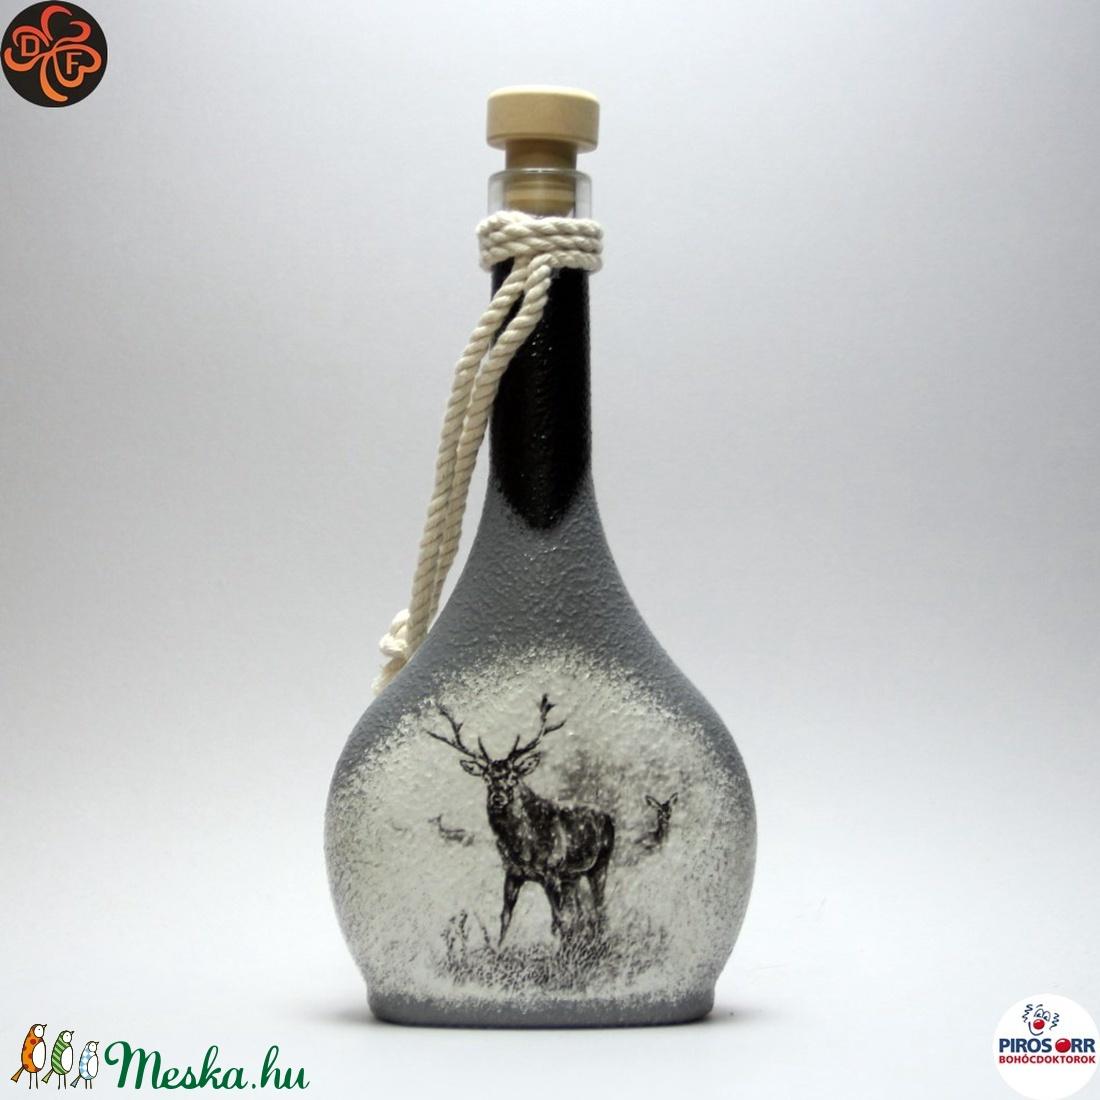 Vadász - szarvas képpel - italos üveg ; A vadászat szerelmeseinek  (decorfantasy) - Meska.hu